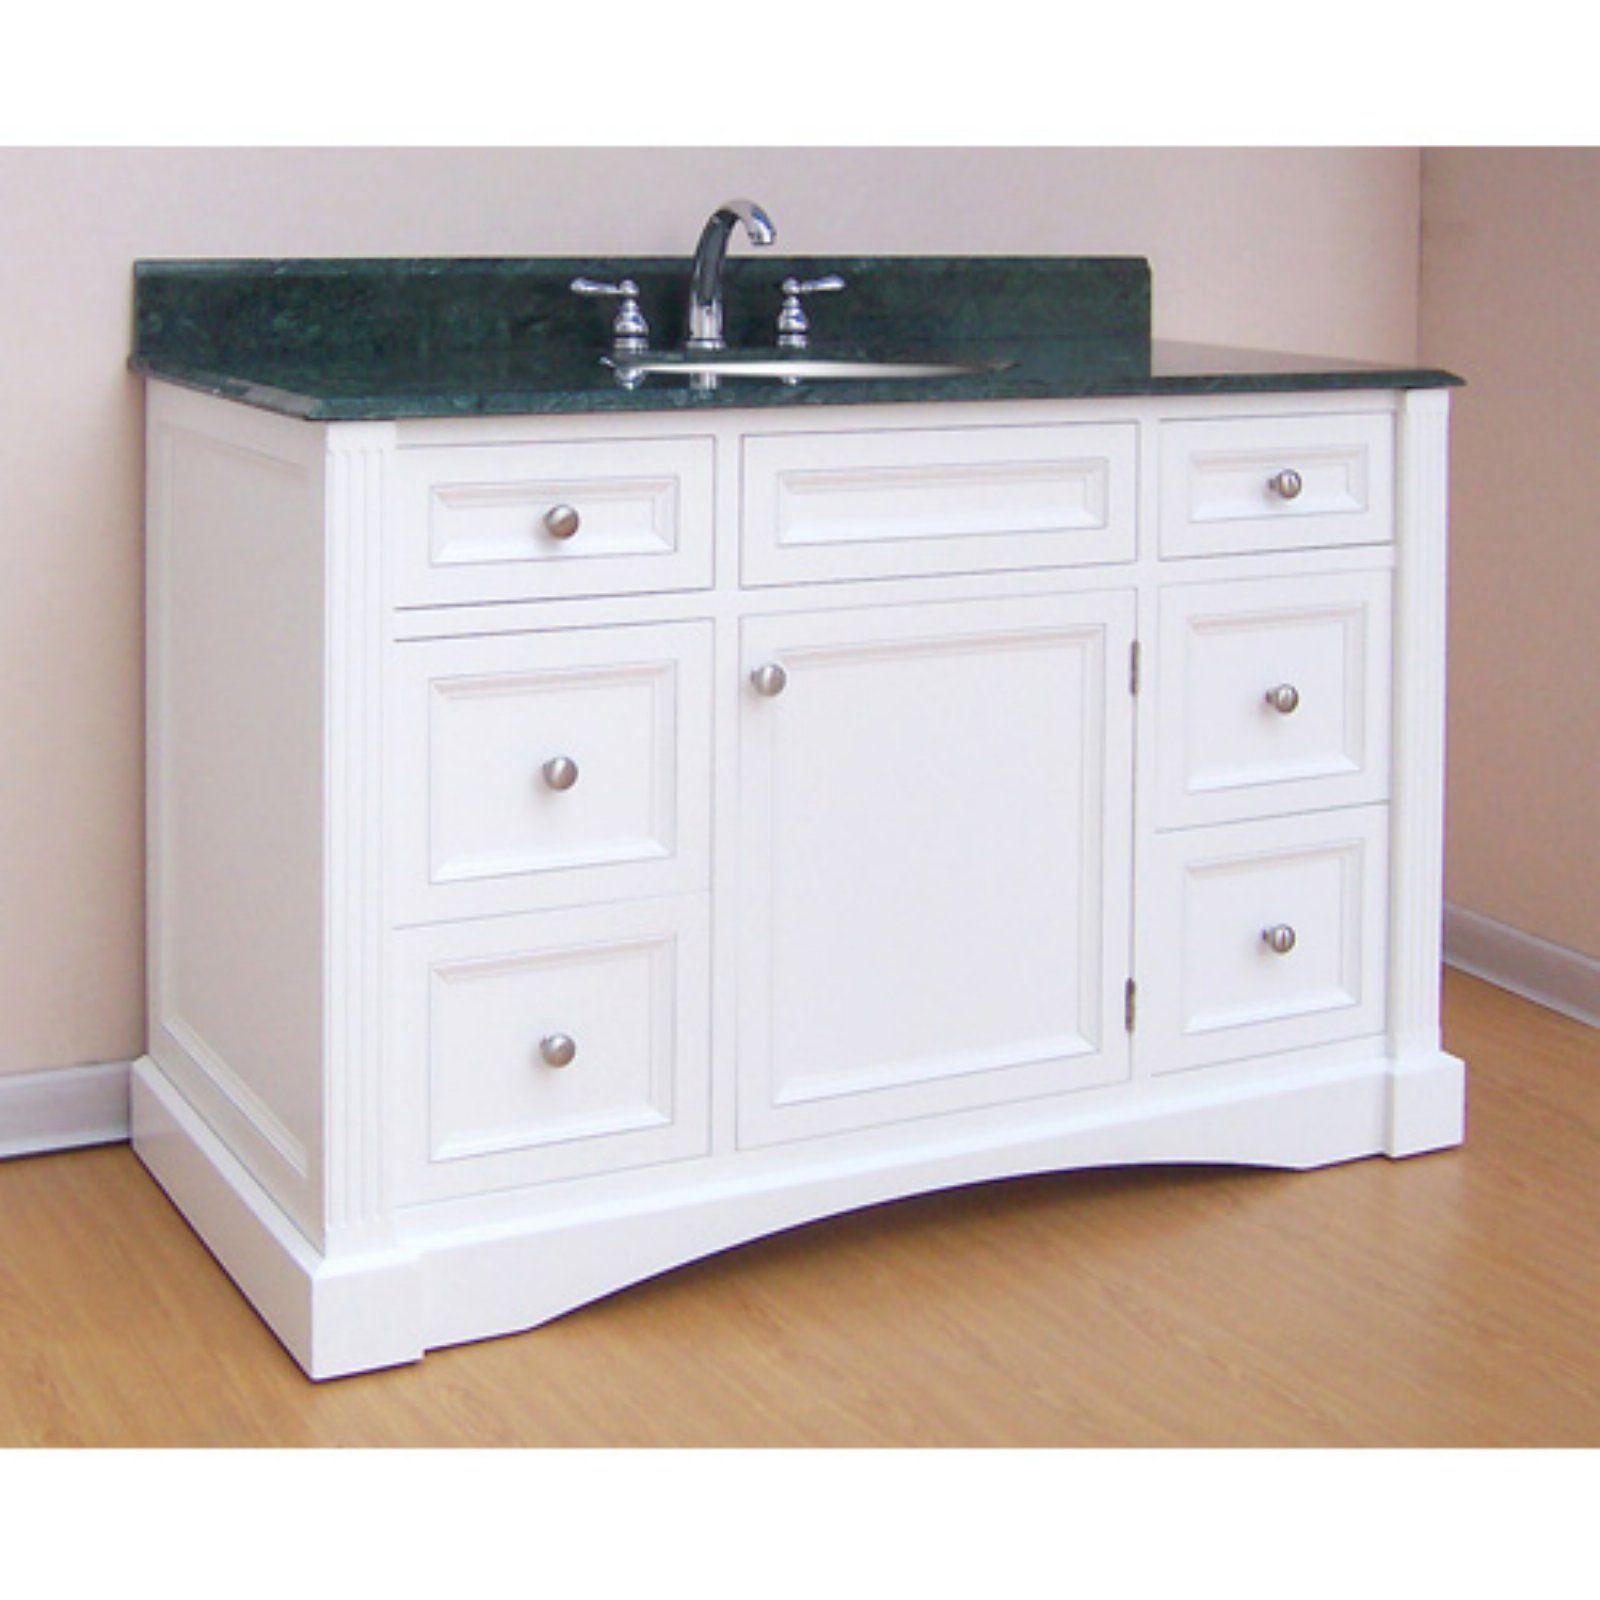 Empire Industries Newport For 48 In Single Bathroom Vanity N48c